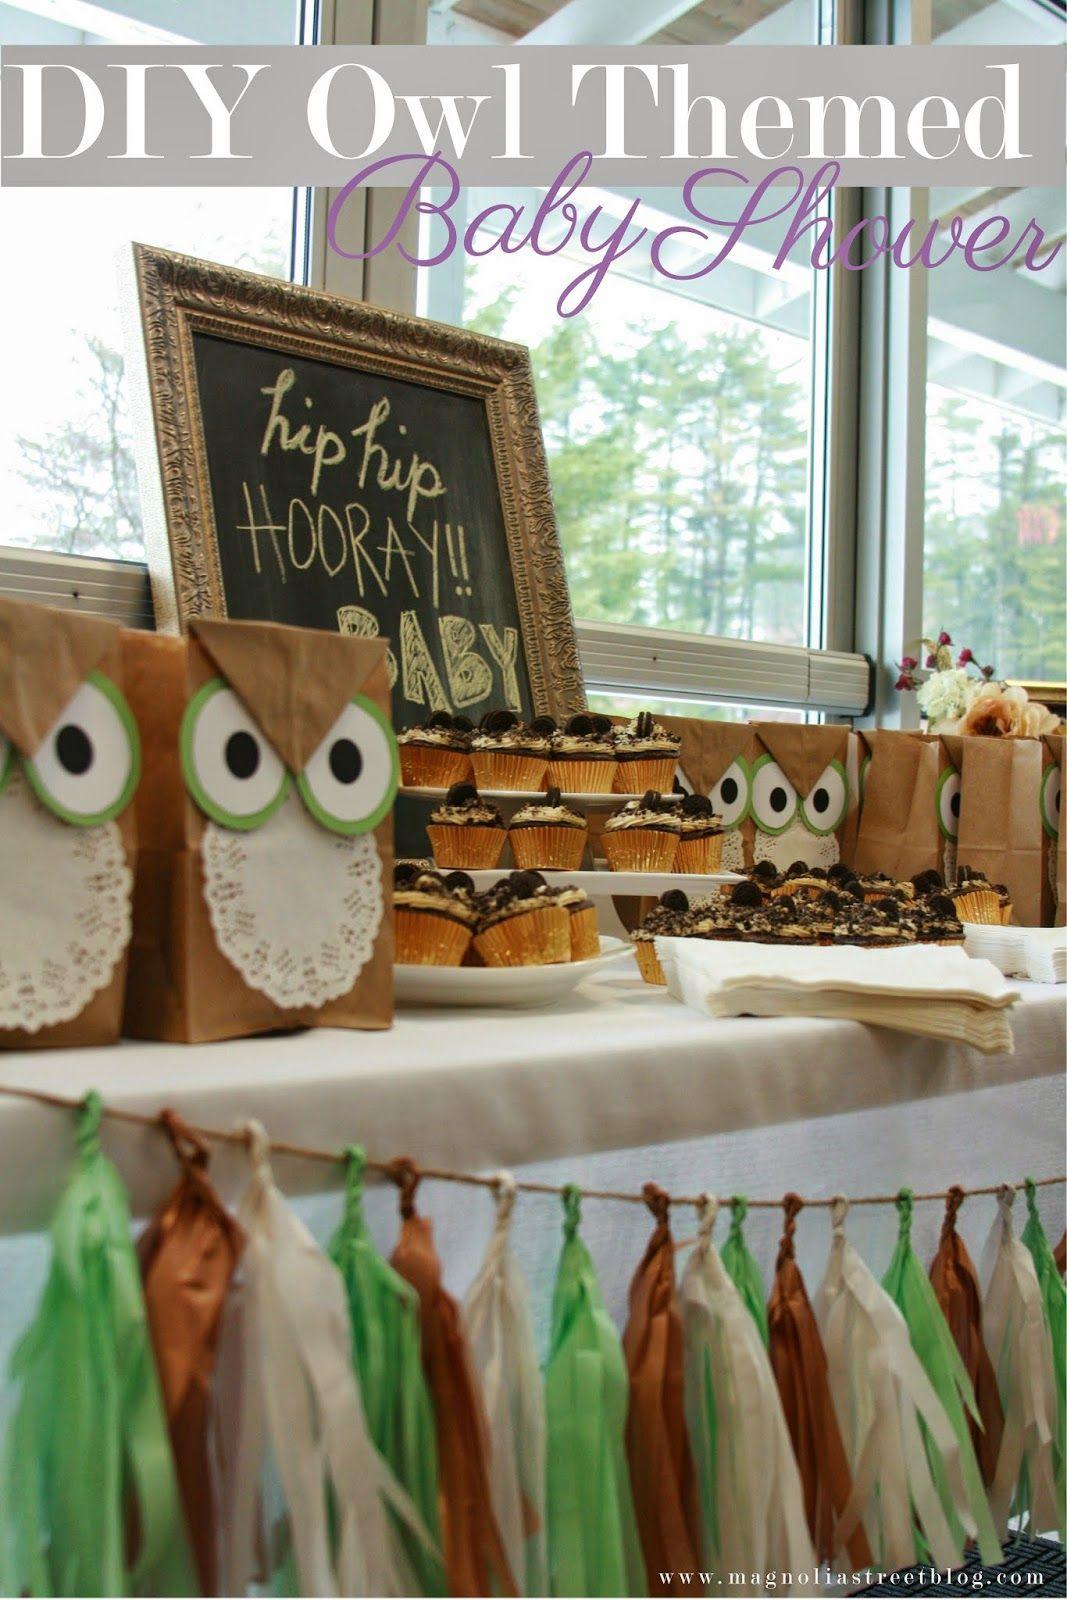 Owl themed baby shower baby kale pinterest owl babies and owl themed baby shower negle Images